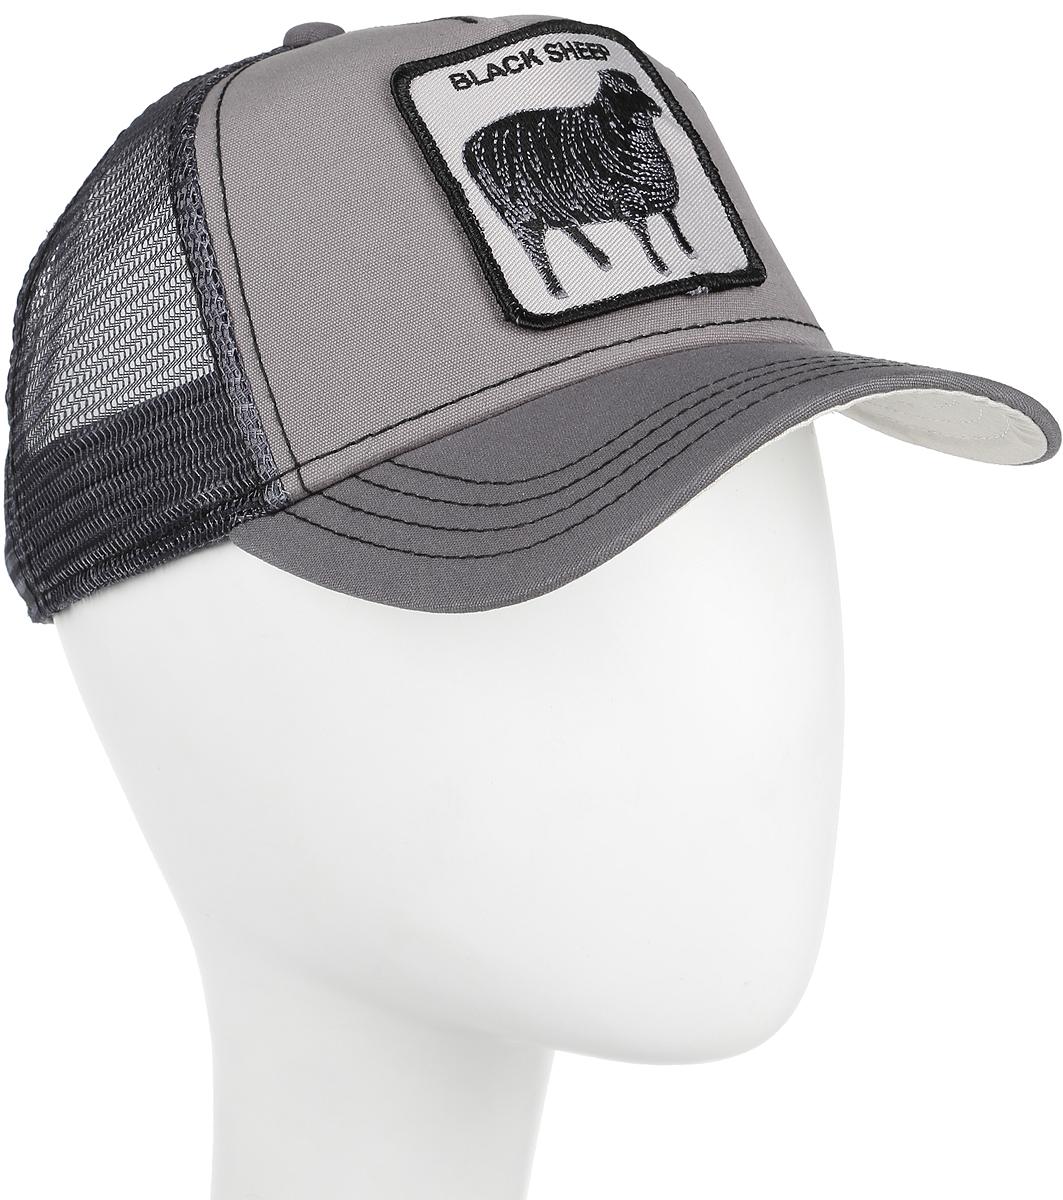 Бейсболка Goorin Brothers Shades of Black, цвет: серый. 91-072-08-00. Размер универсальный91-072-08-00Стильная бейсболка Goorin Brothers, выполненная из полиэстера и хлопка, идеально подойдет для прогулок, занятия спортом и отдыха. Она надежно защитит вас от солнца и ветра. Задняя часть имеет сетчатую вставку для вентиляции воздуха. Изделие оформлено нашивкой с изображением овцы и надписью Black Sheep. Обхват регулируется с помощью пластикового ремешка.